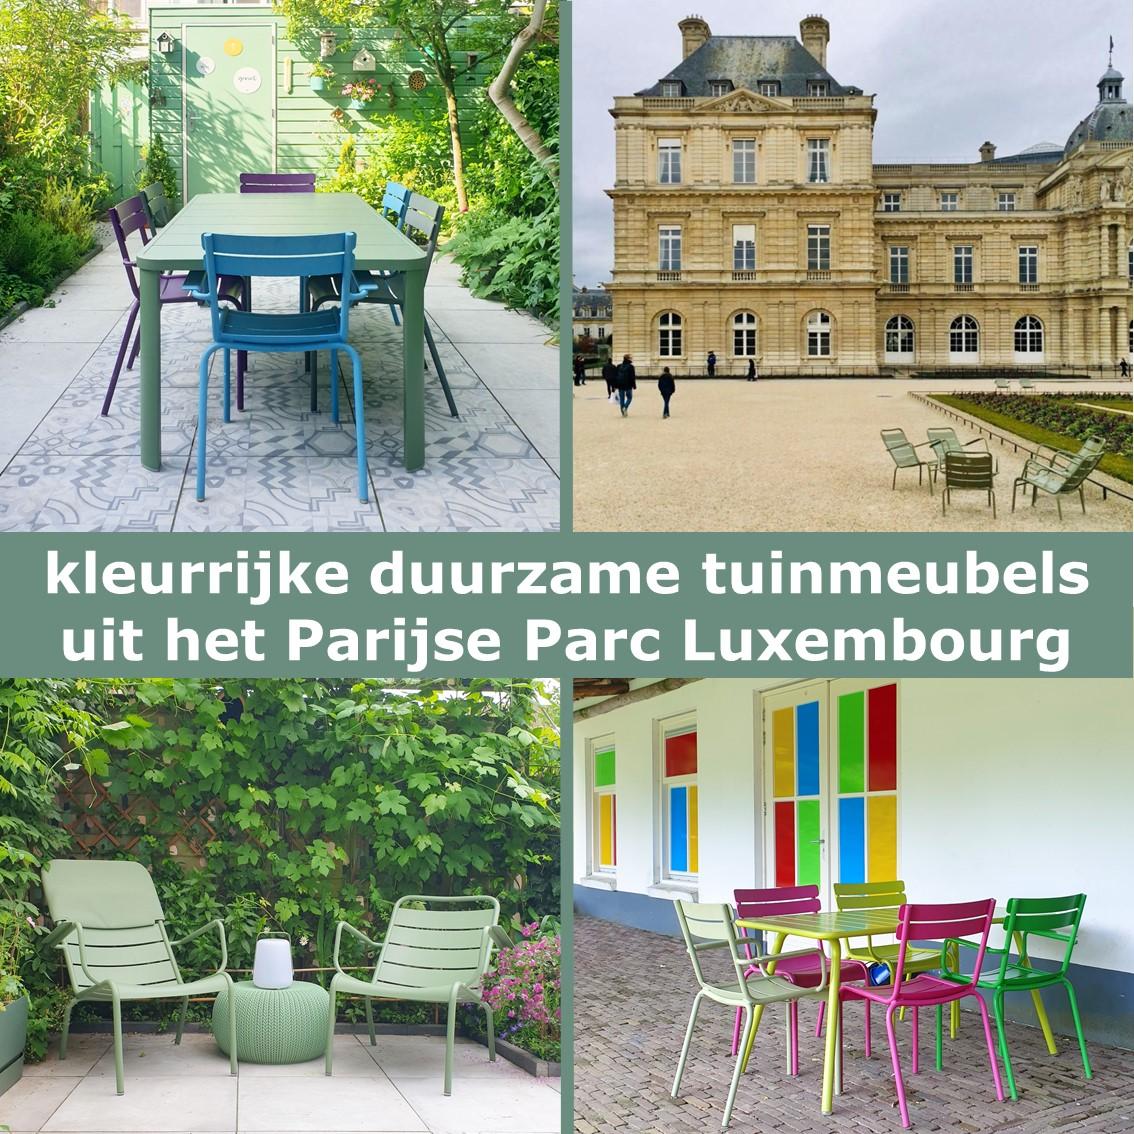 Kleurrijke duurzame aluminium tuinmeubels: Fermob tuinstoelen & tuintafel. We zijn al jaren verliefd op de kleurrijke duurzame aluminium tuinmeubels van Fermob. Kleurrijke meubels zorgen dat je tuin er het hele jaar vrolijk uitziet. Wellicht komen de stoelen je bekend voor: ze staan ook in het Parijse Parc Luxembourg.